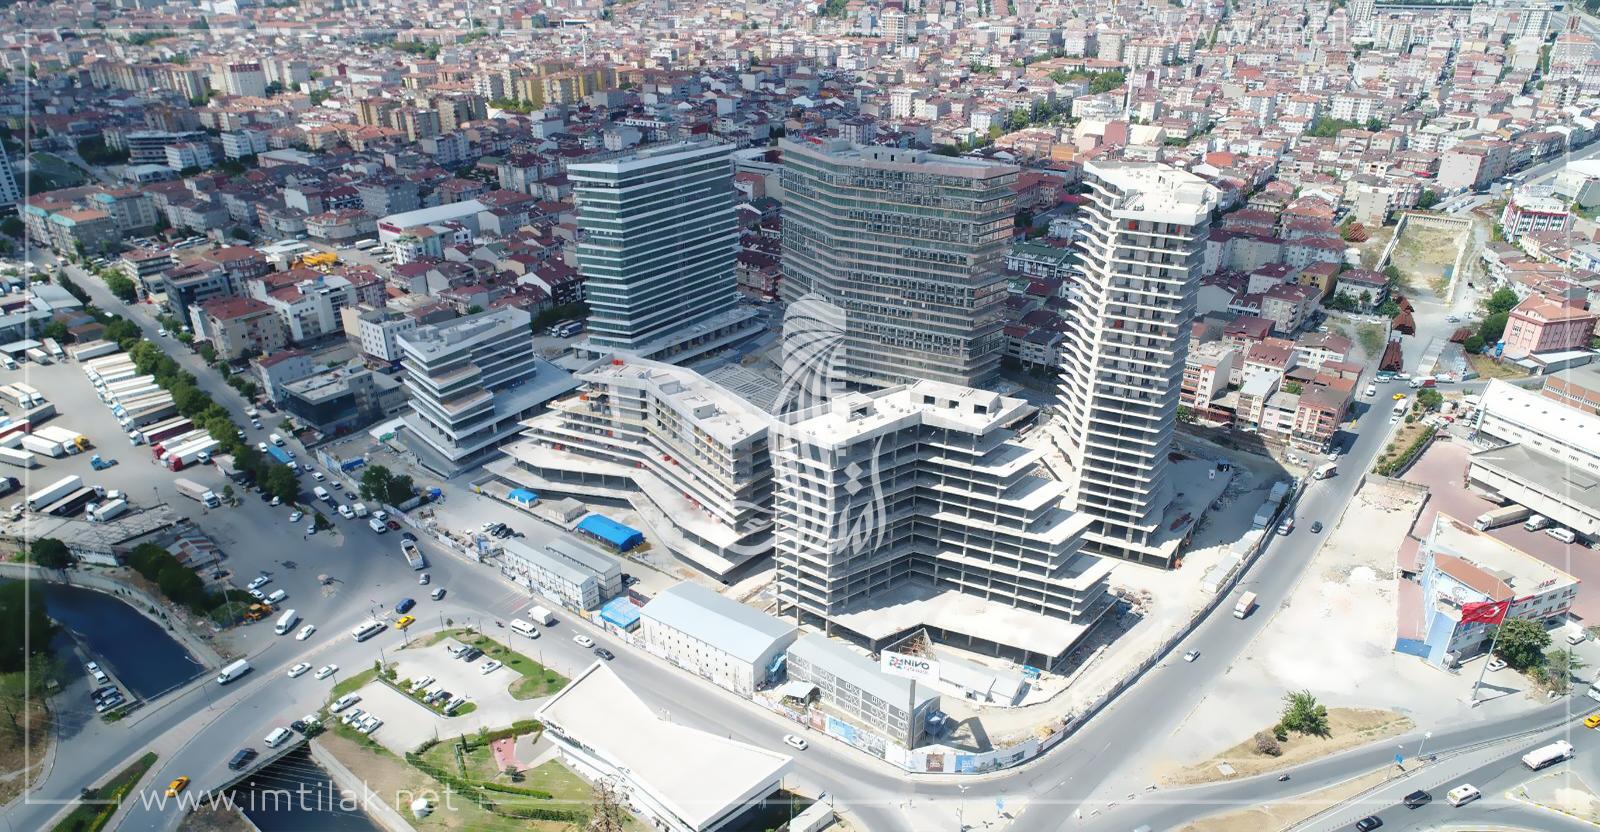 شقق اسطنبول الجانب الاوروبي - مشروع نيفو إكسبريس IMT-87